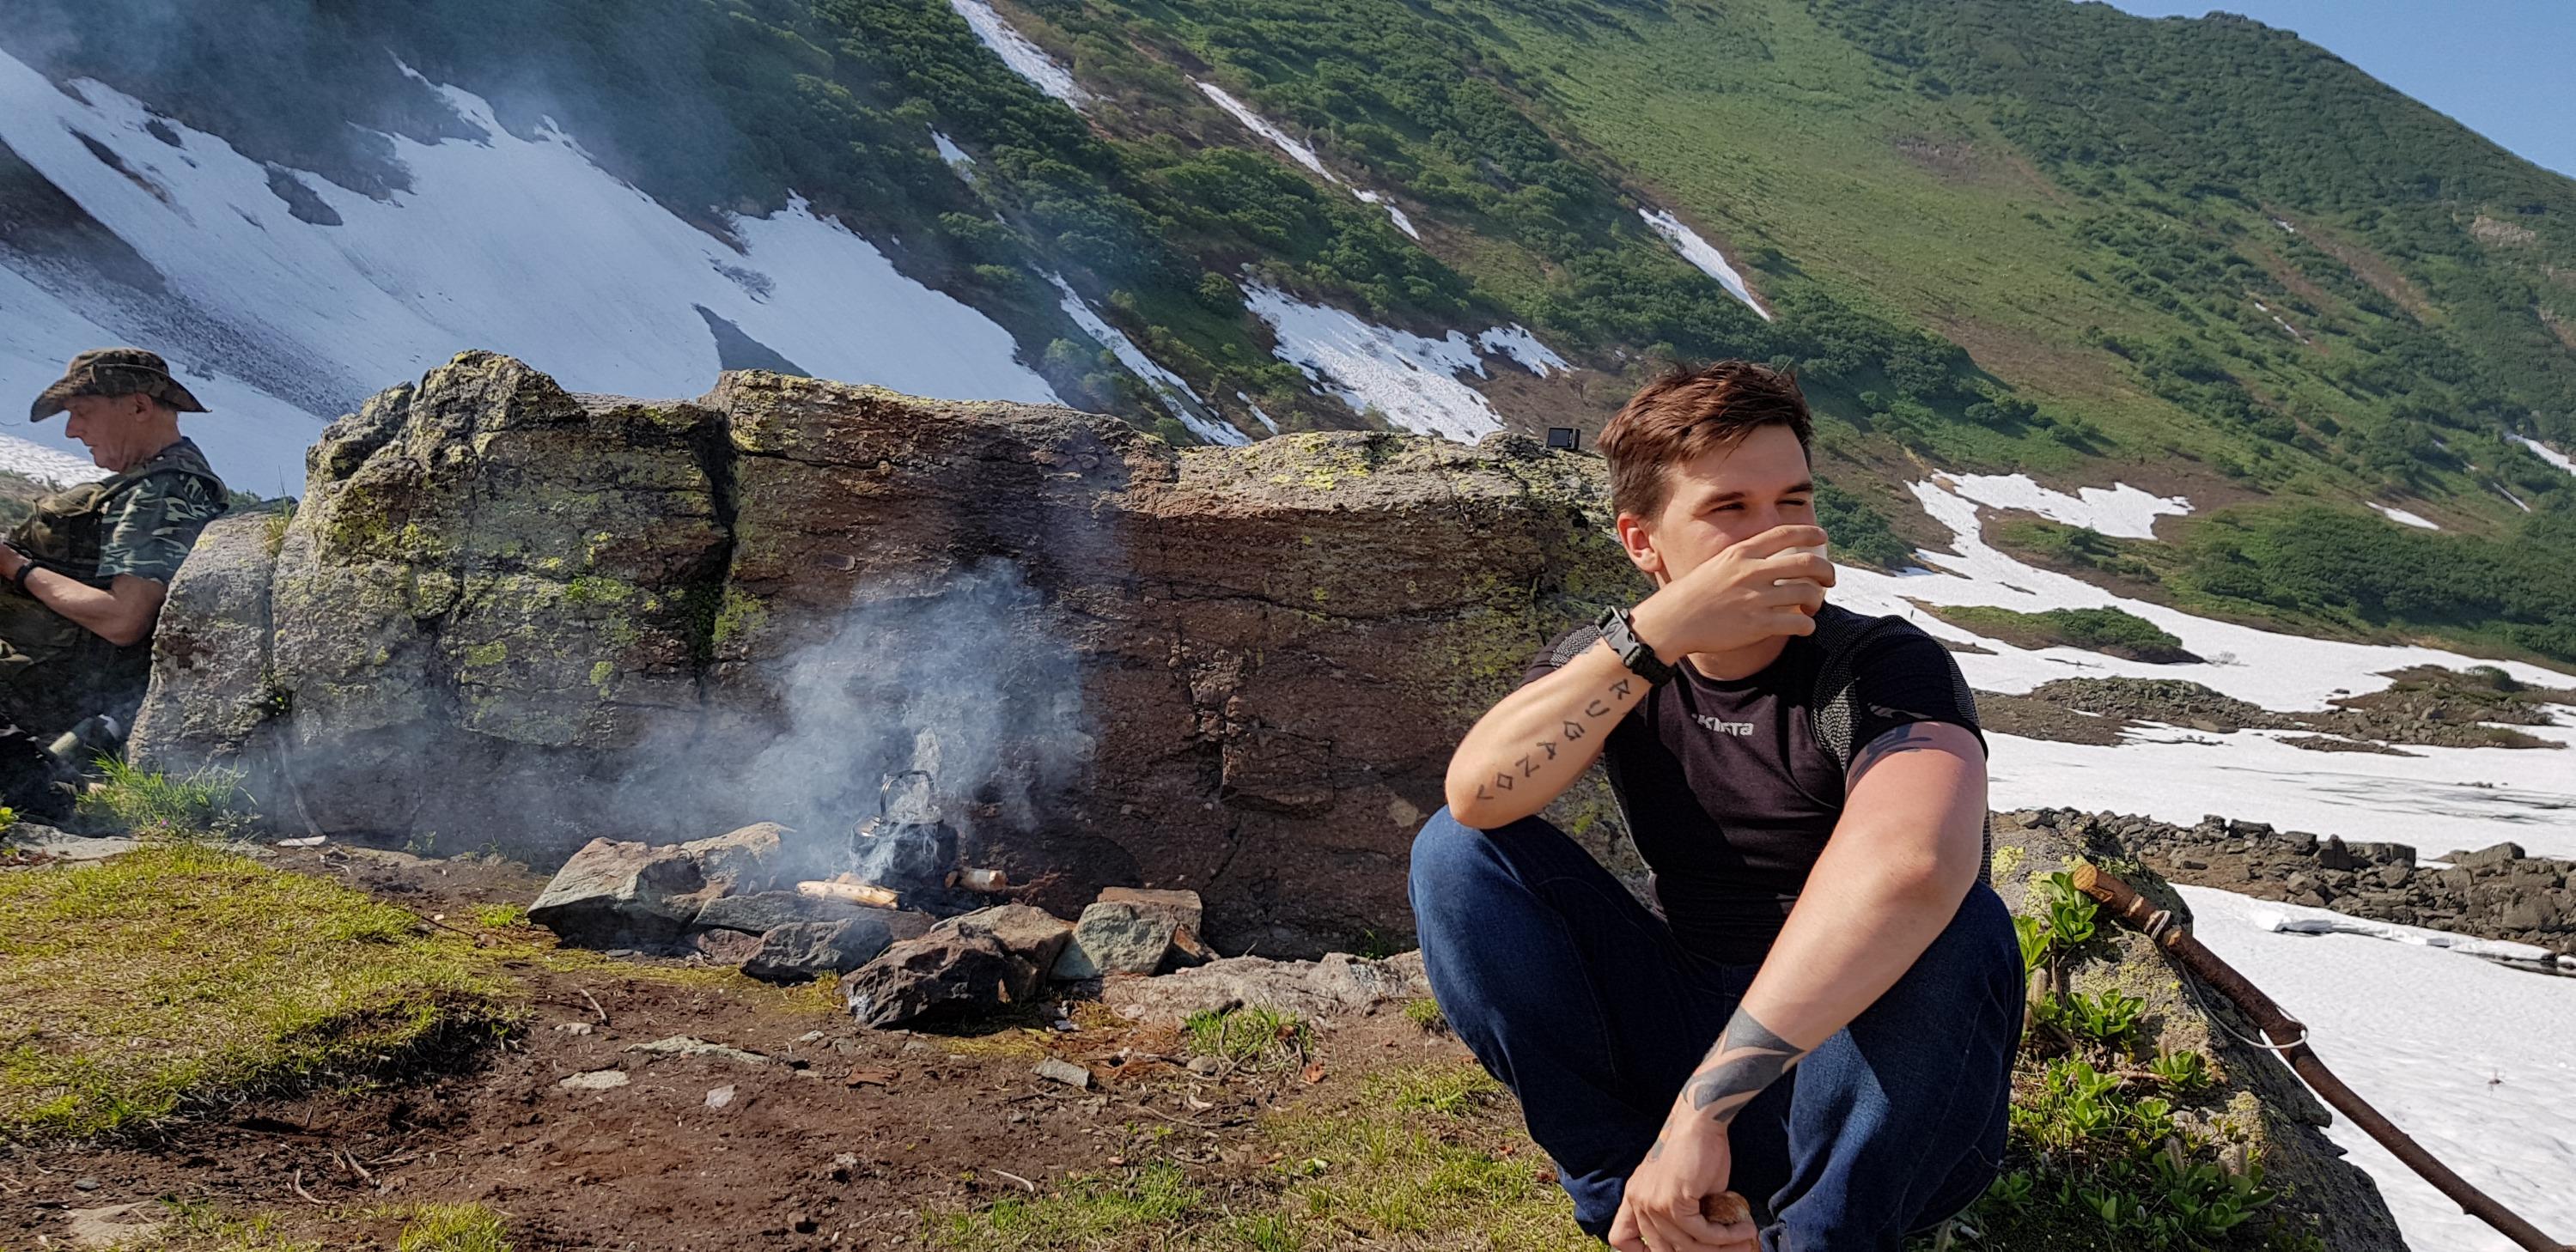 Во время пеших походов туристы часто заваривают травяной чай. Родниковая вода тут такая чистая, что её можно пить прямо из водоёма без кипячения